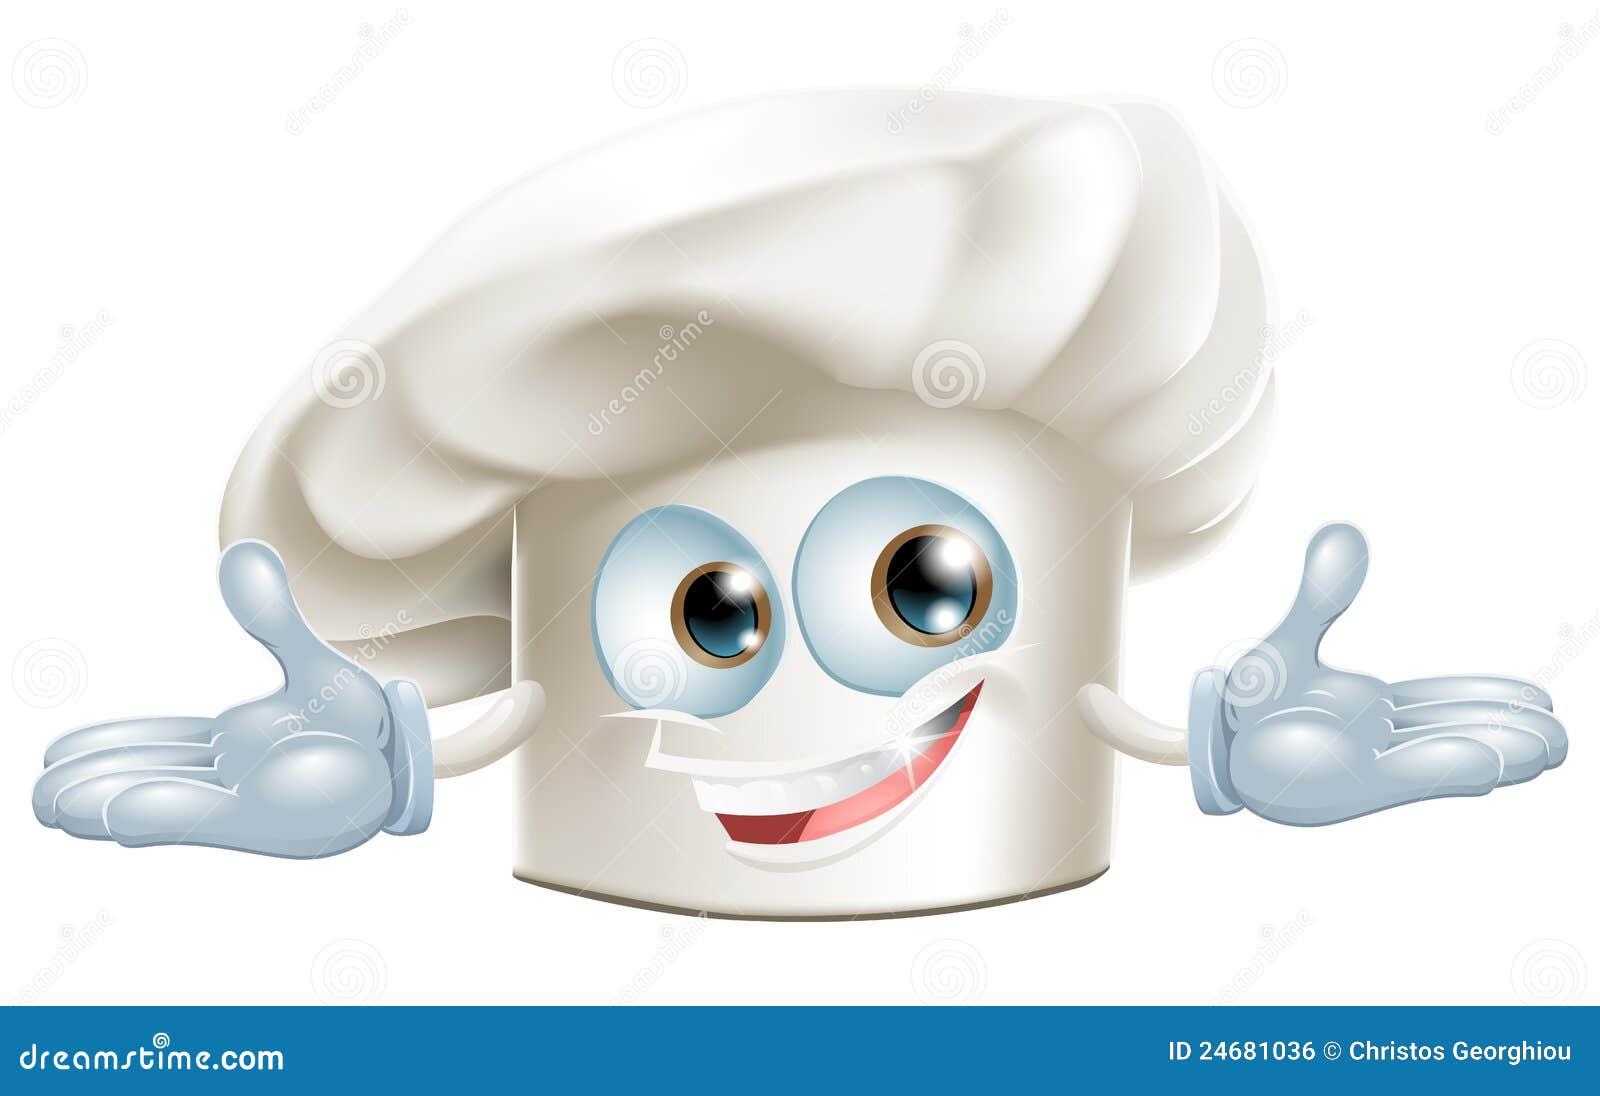 happy-white-chefs-hat-cartoon-man-24681036.jpg